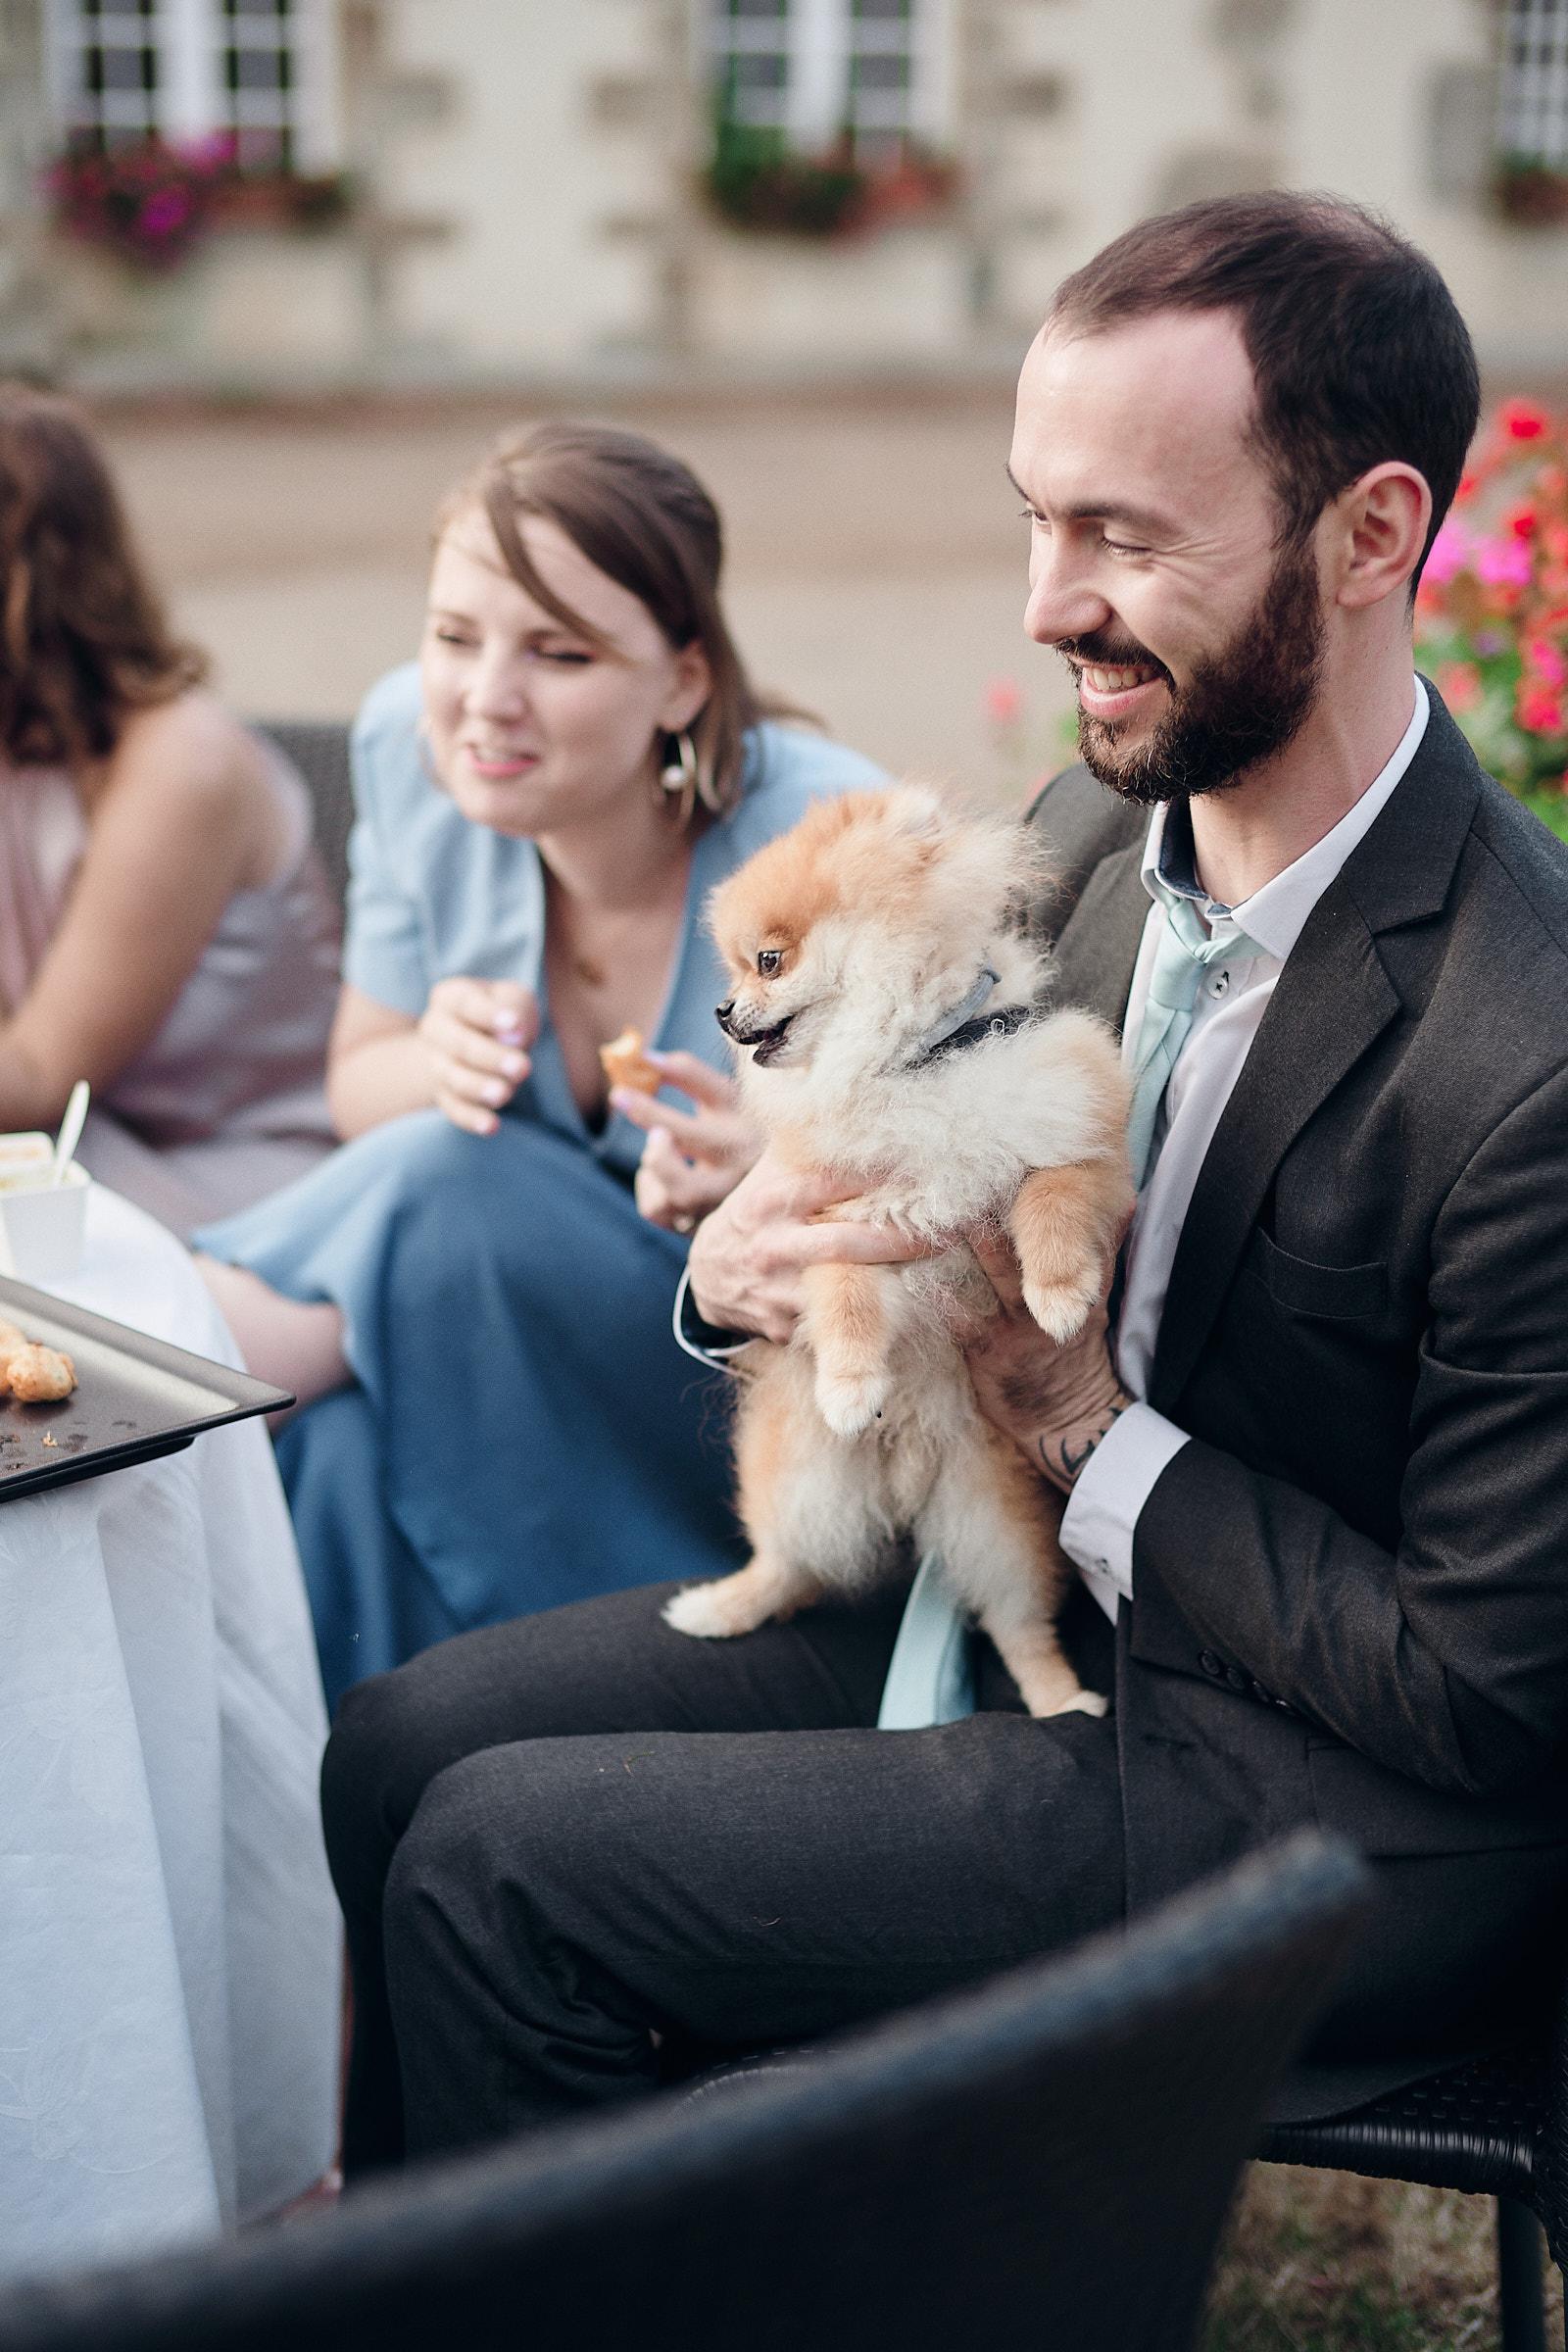 chien d'un invite pendant le vin d'honneur